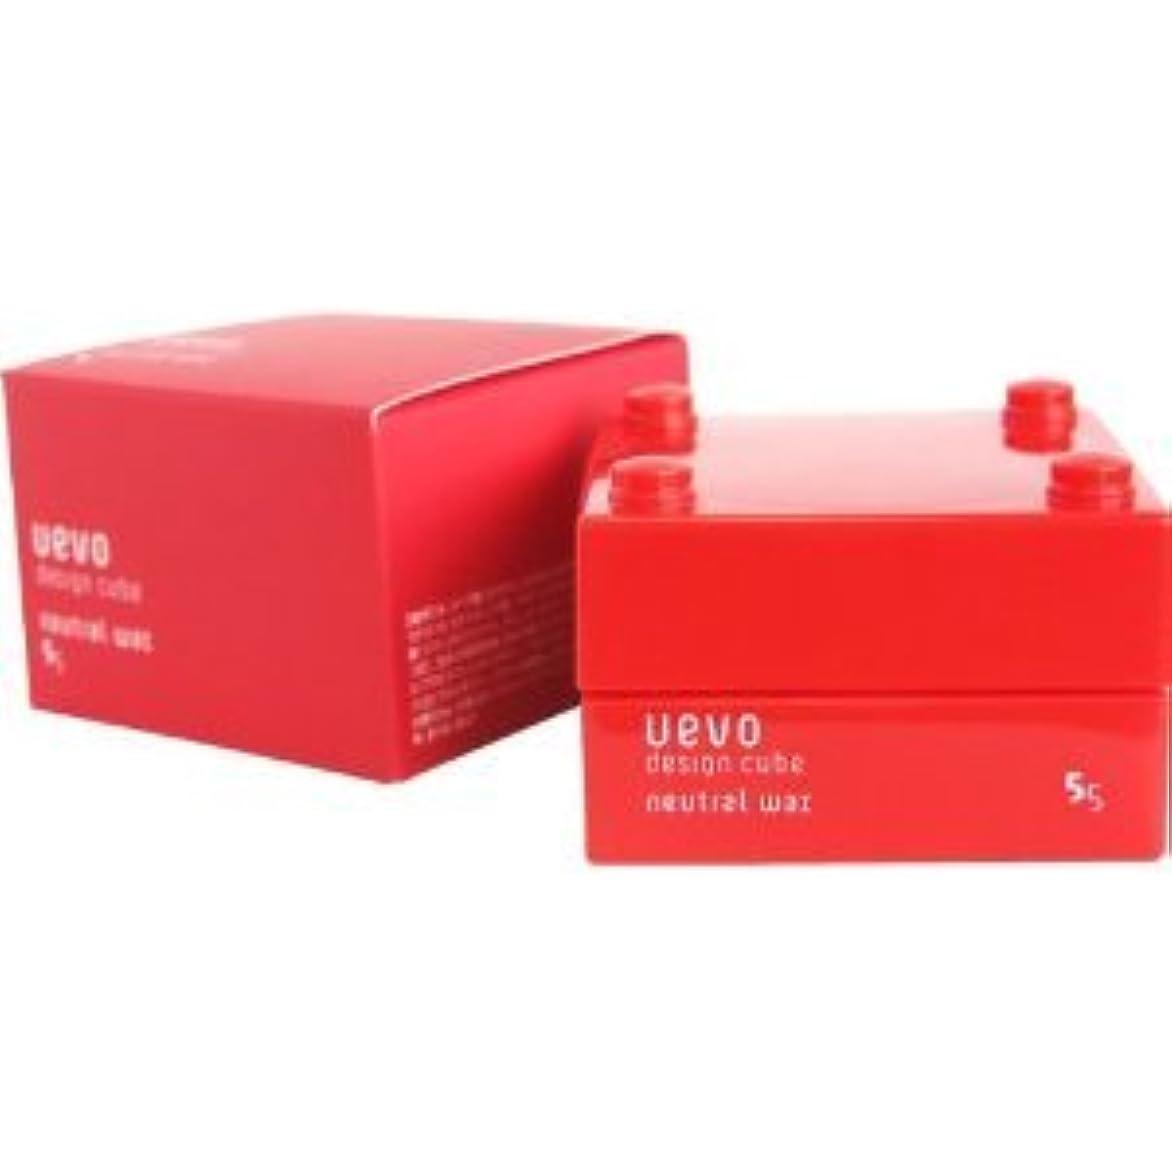 小人浪費発揮する【X2個セット】 デミ ウェーボ デザインキューブ ニュートラルワックス 30g neutral wax DEMI uevo design cube